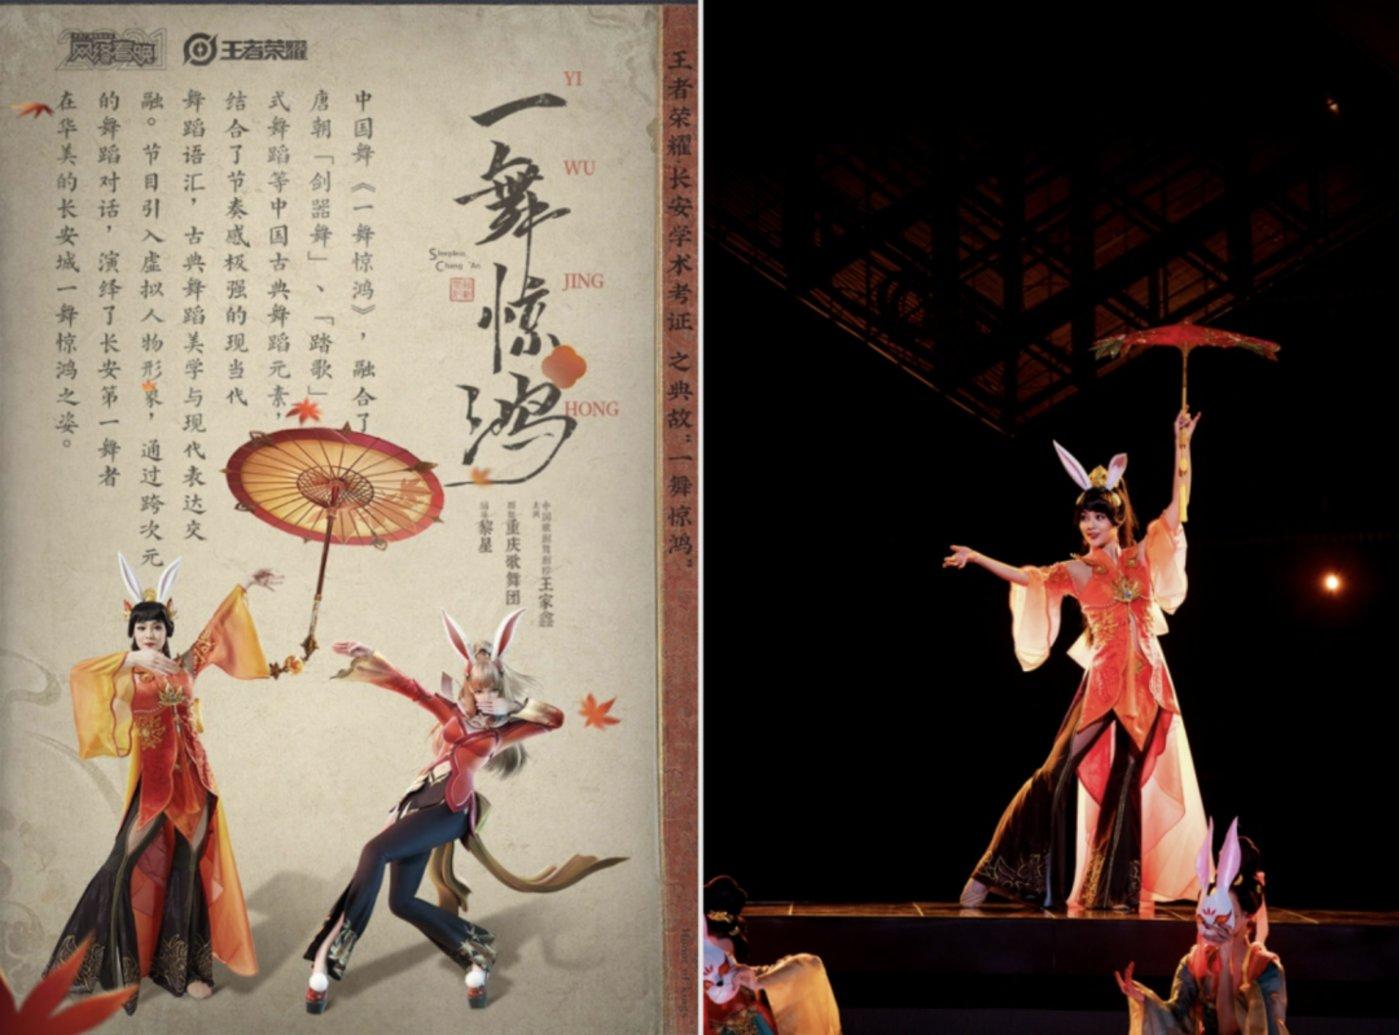 公孙离在网络春晚舞台上跨次元舞蹈